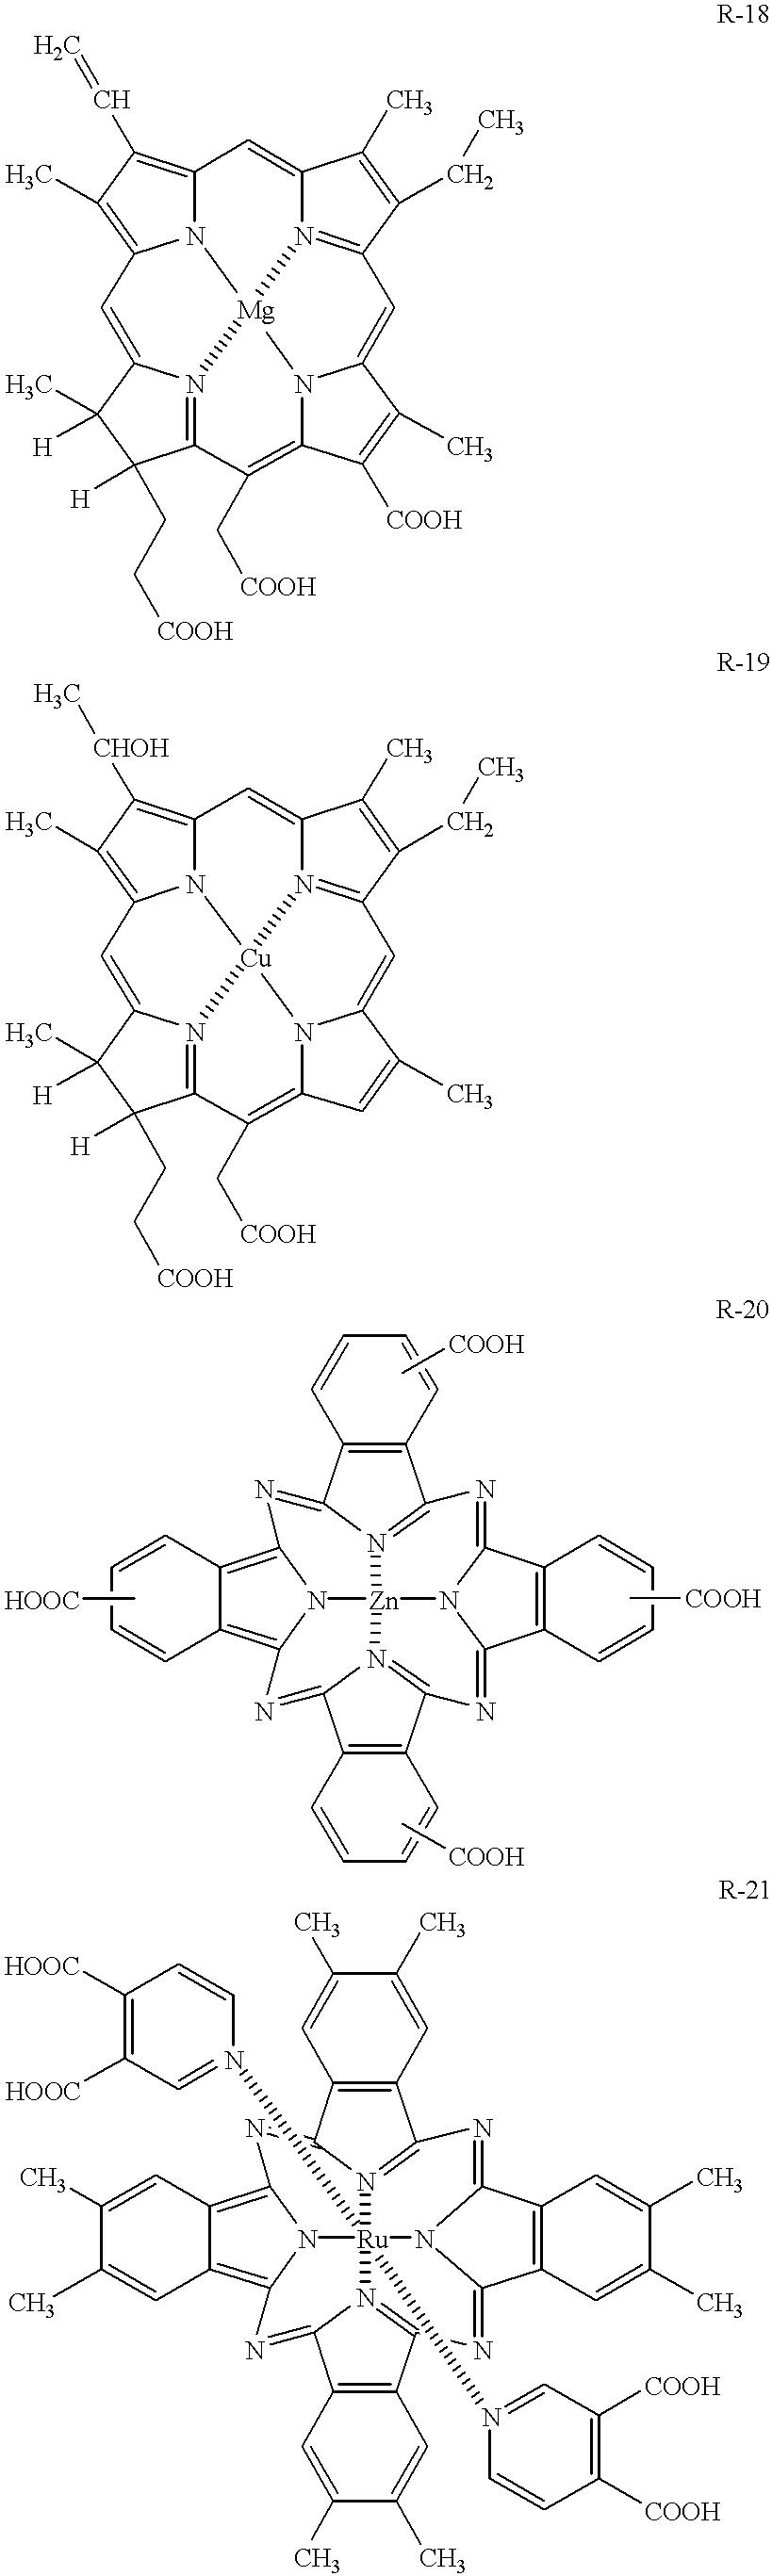 Figure US06291763-20010918-C00003